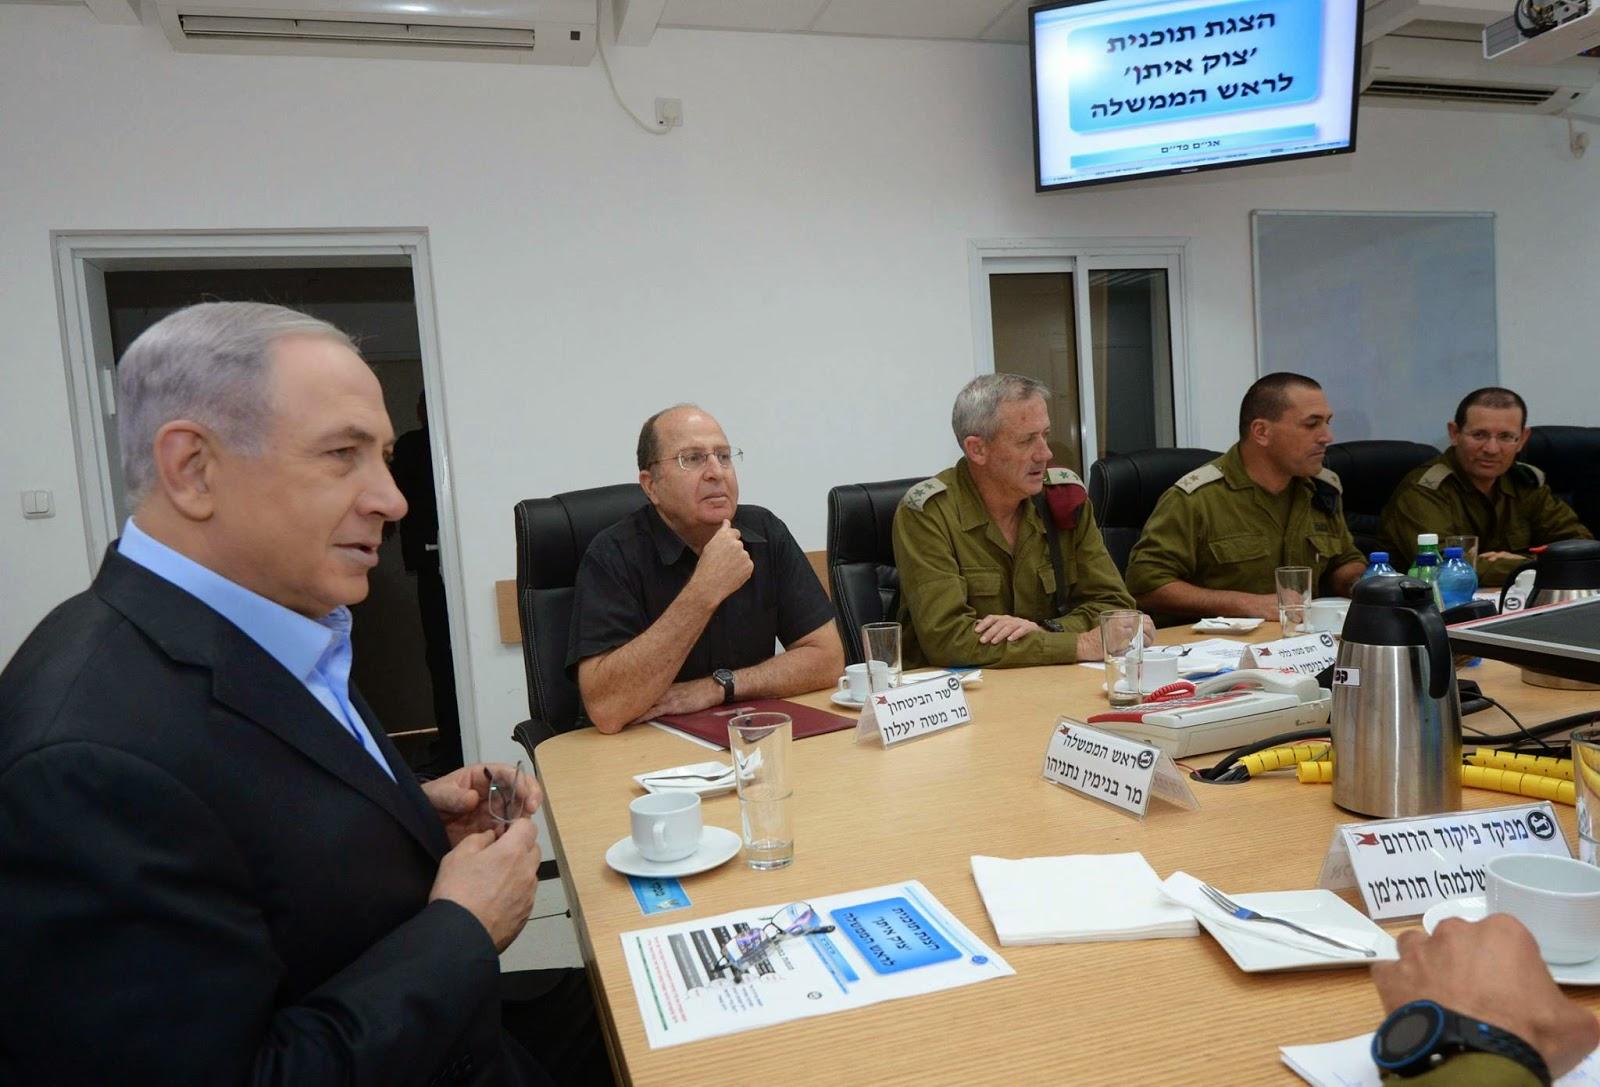 Temps et contretemps isra l gaza vers une lutte sans merci for Koi israelien